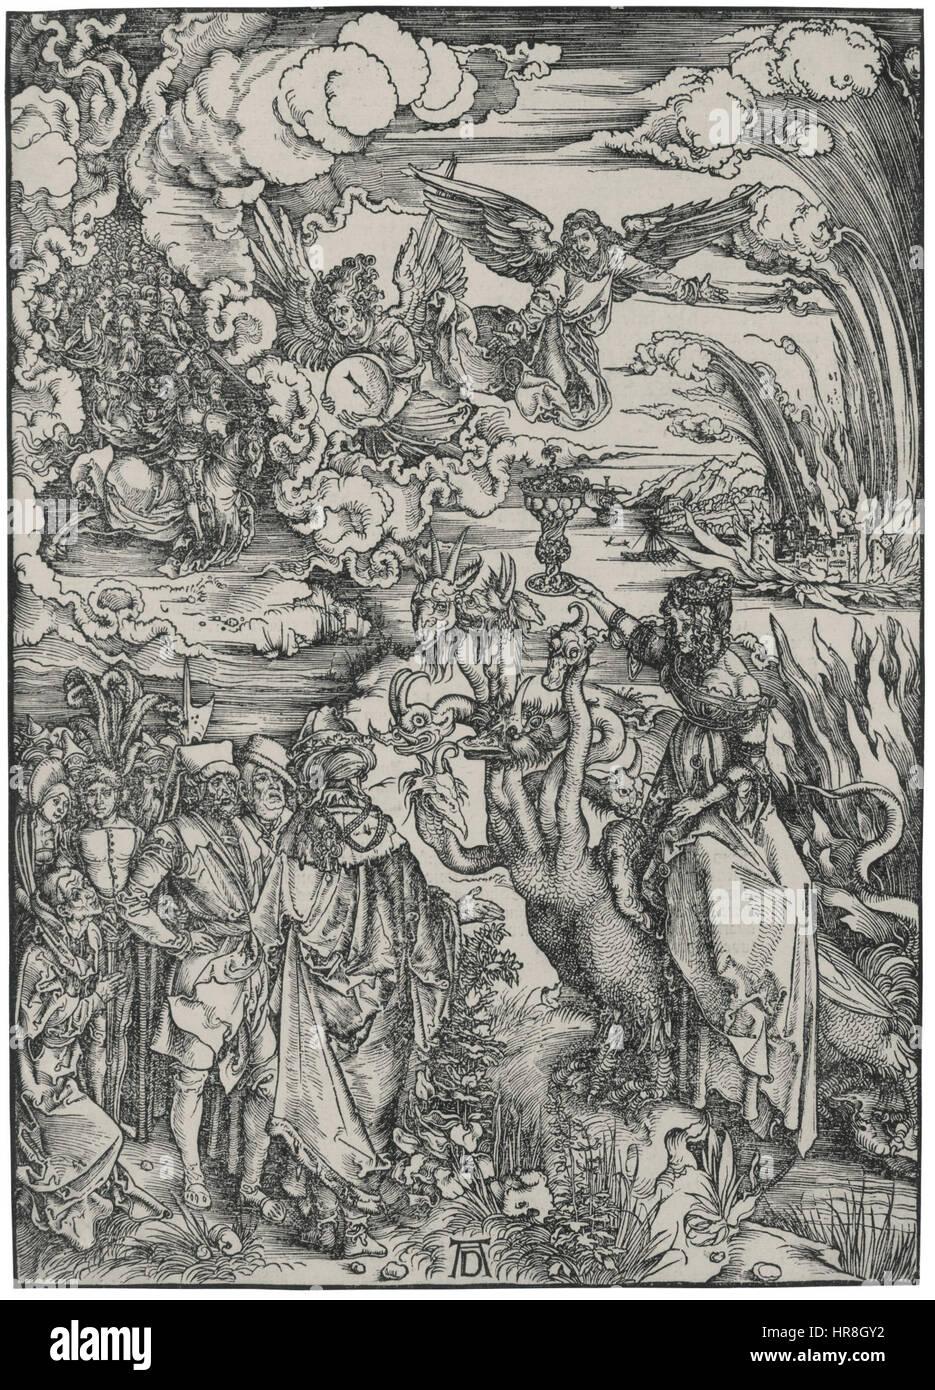 Frau von Babylon durch Dürer Stockbild